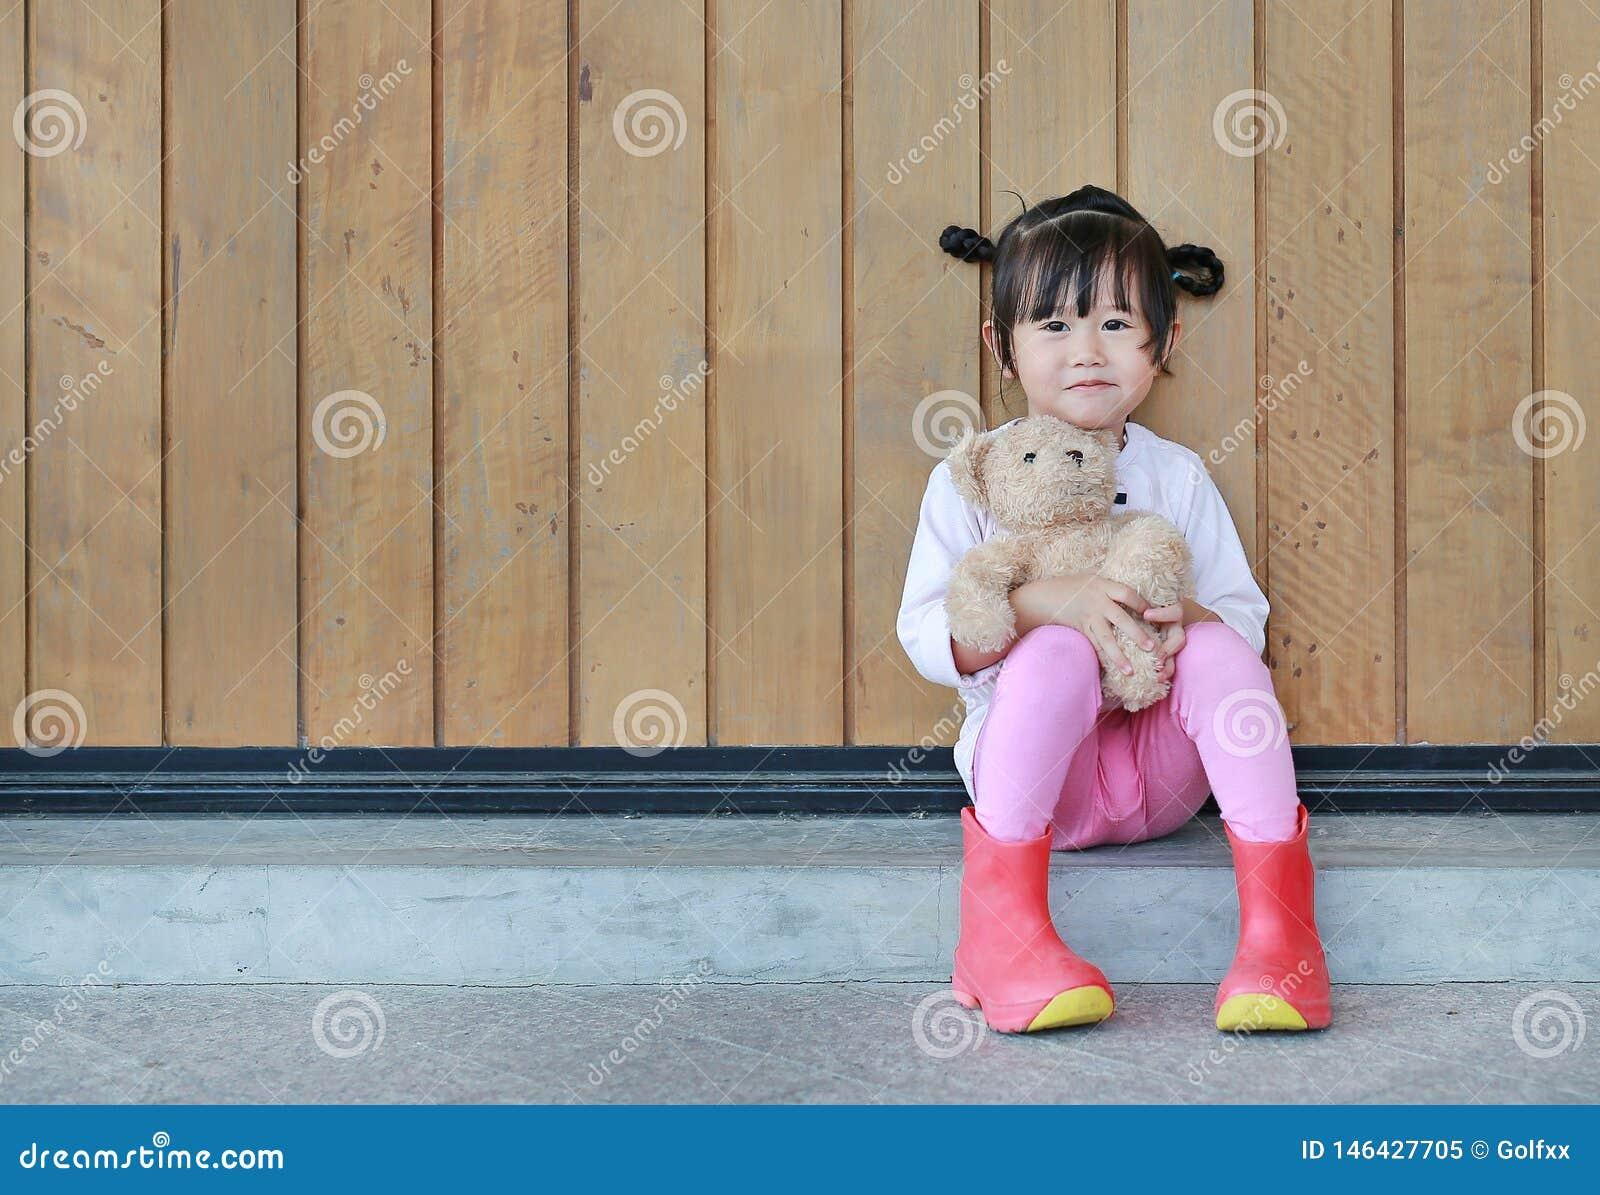 O retrato da menina bonito senta-se e abra?ando Teddy Bear contra a parede de madeira da prancha